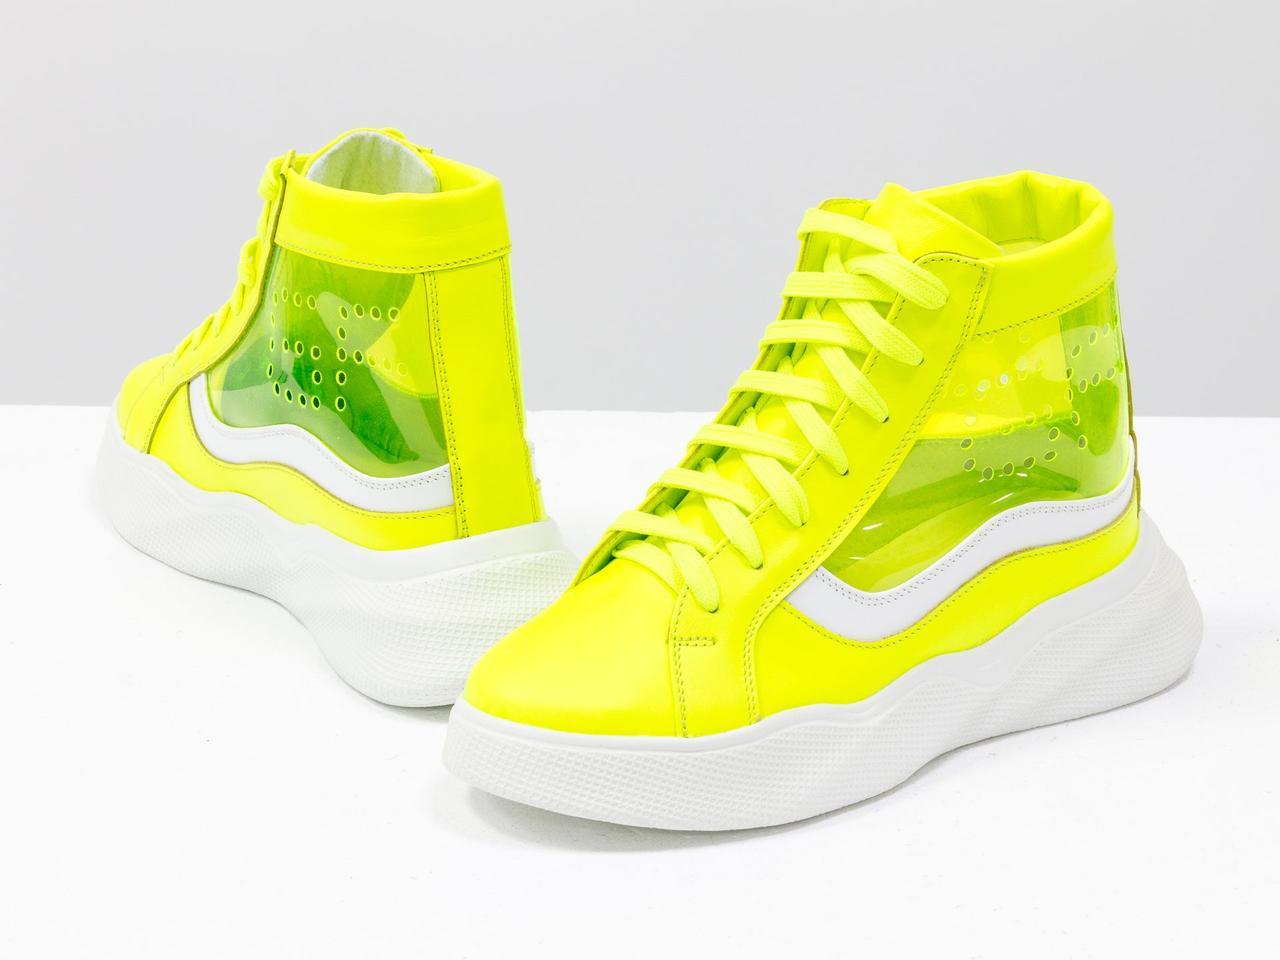 Дизайнерские прозрачные ботинки из натуральной неоновой кожи желтого и белого цвета - фото 1